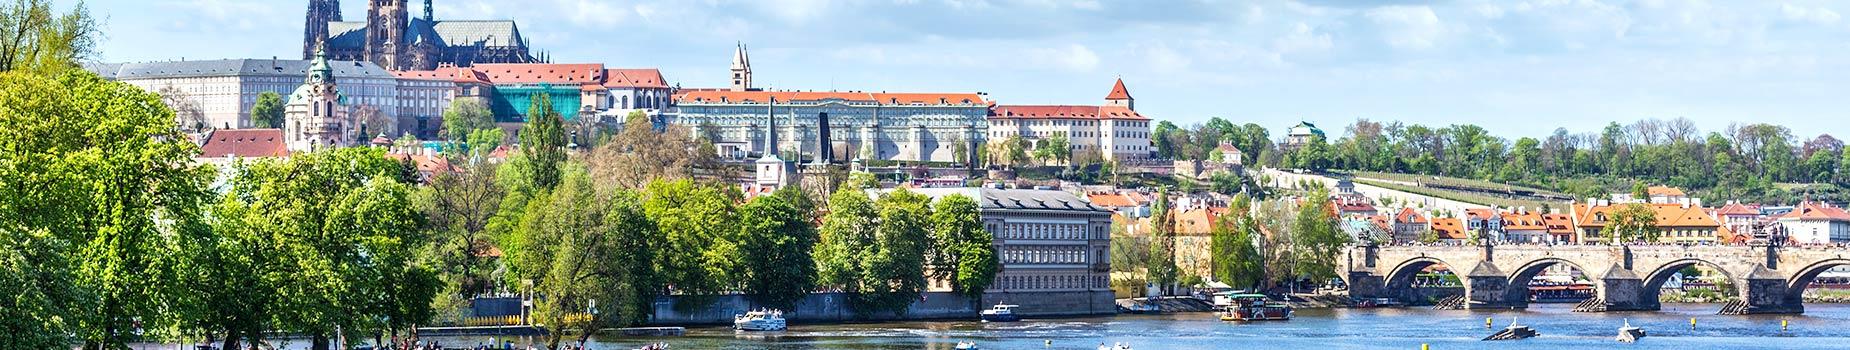 Busrondreis Praag